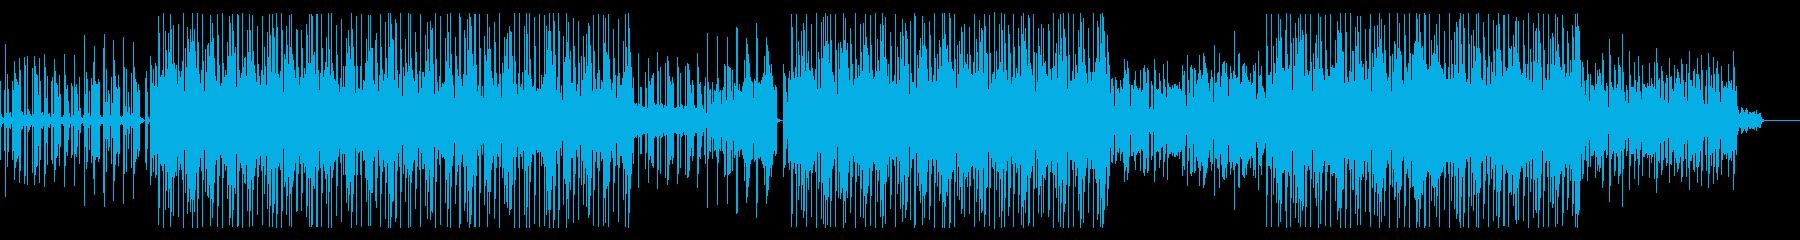 軽快ノリノリ♪爽やかなダンスミュージックの再生済みの波形